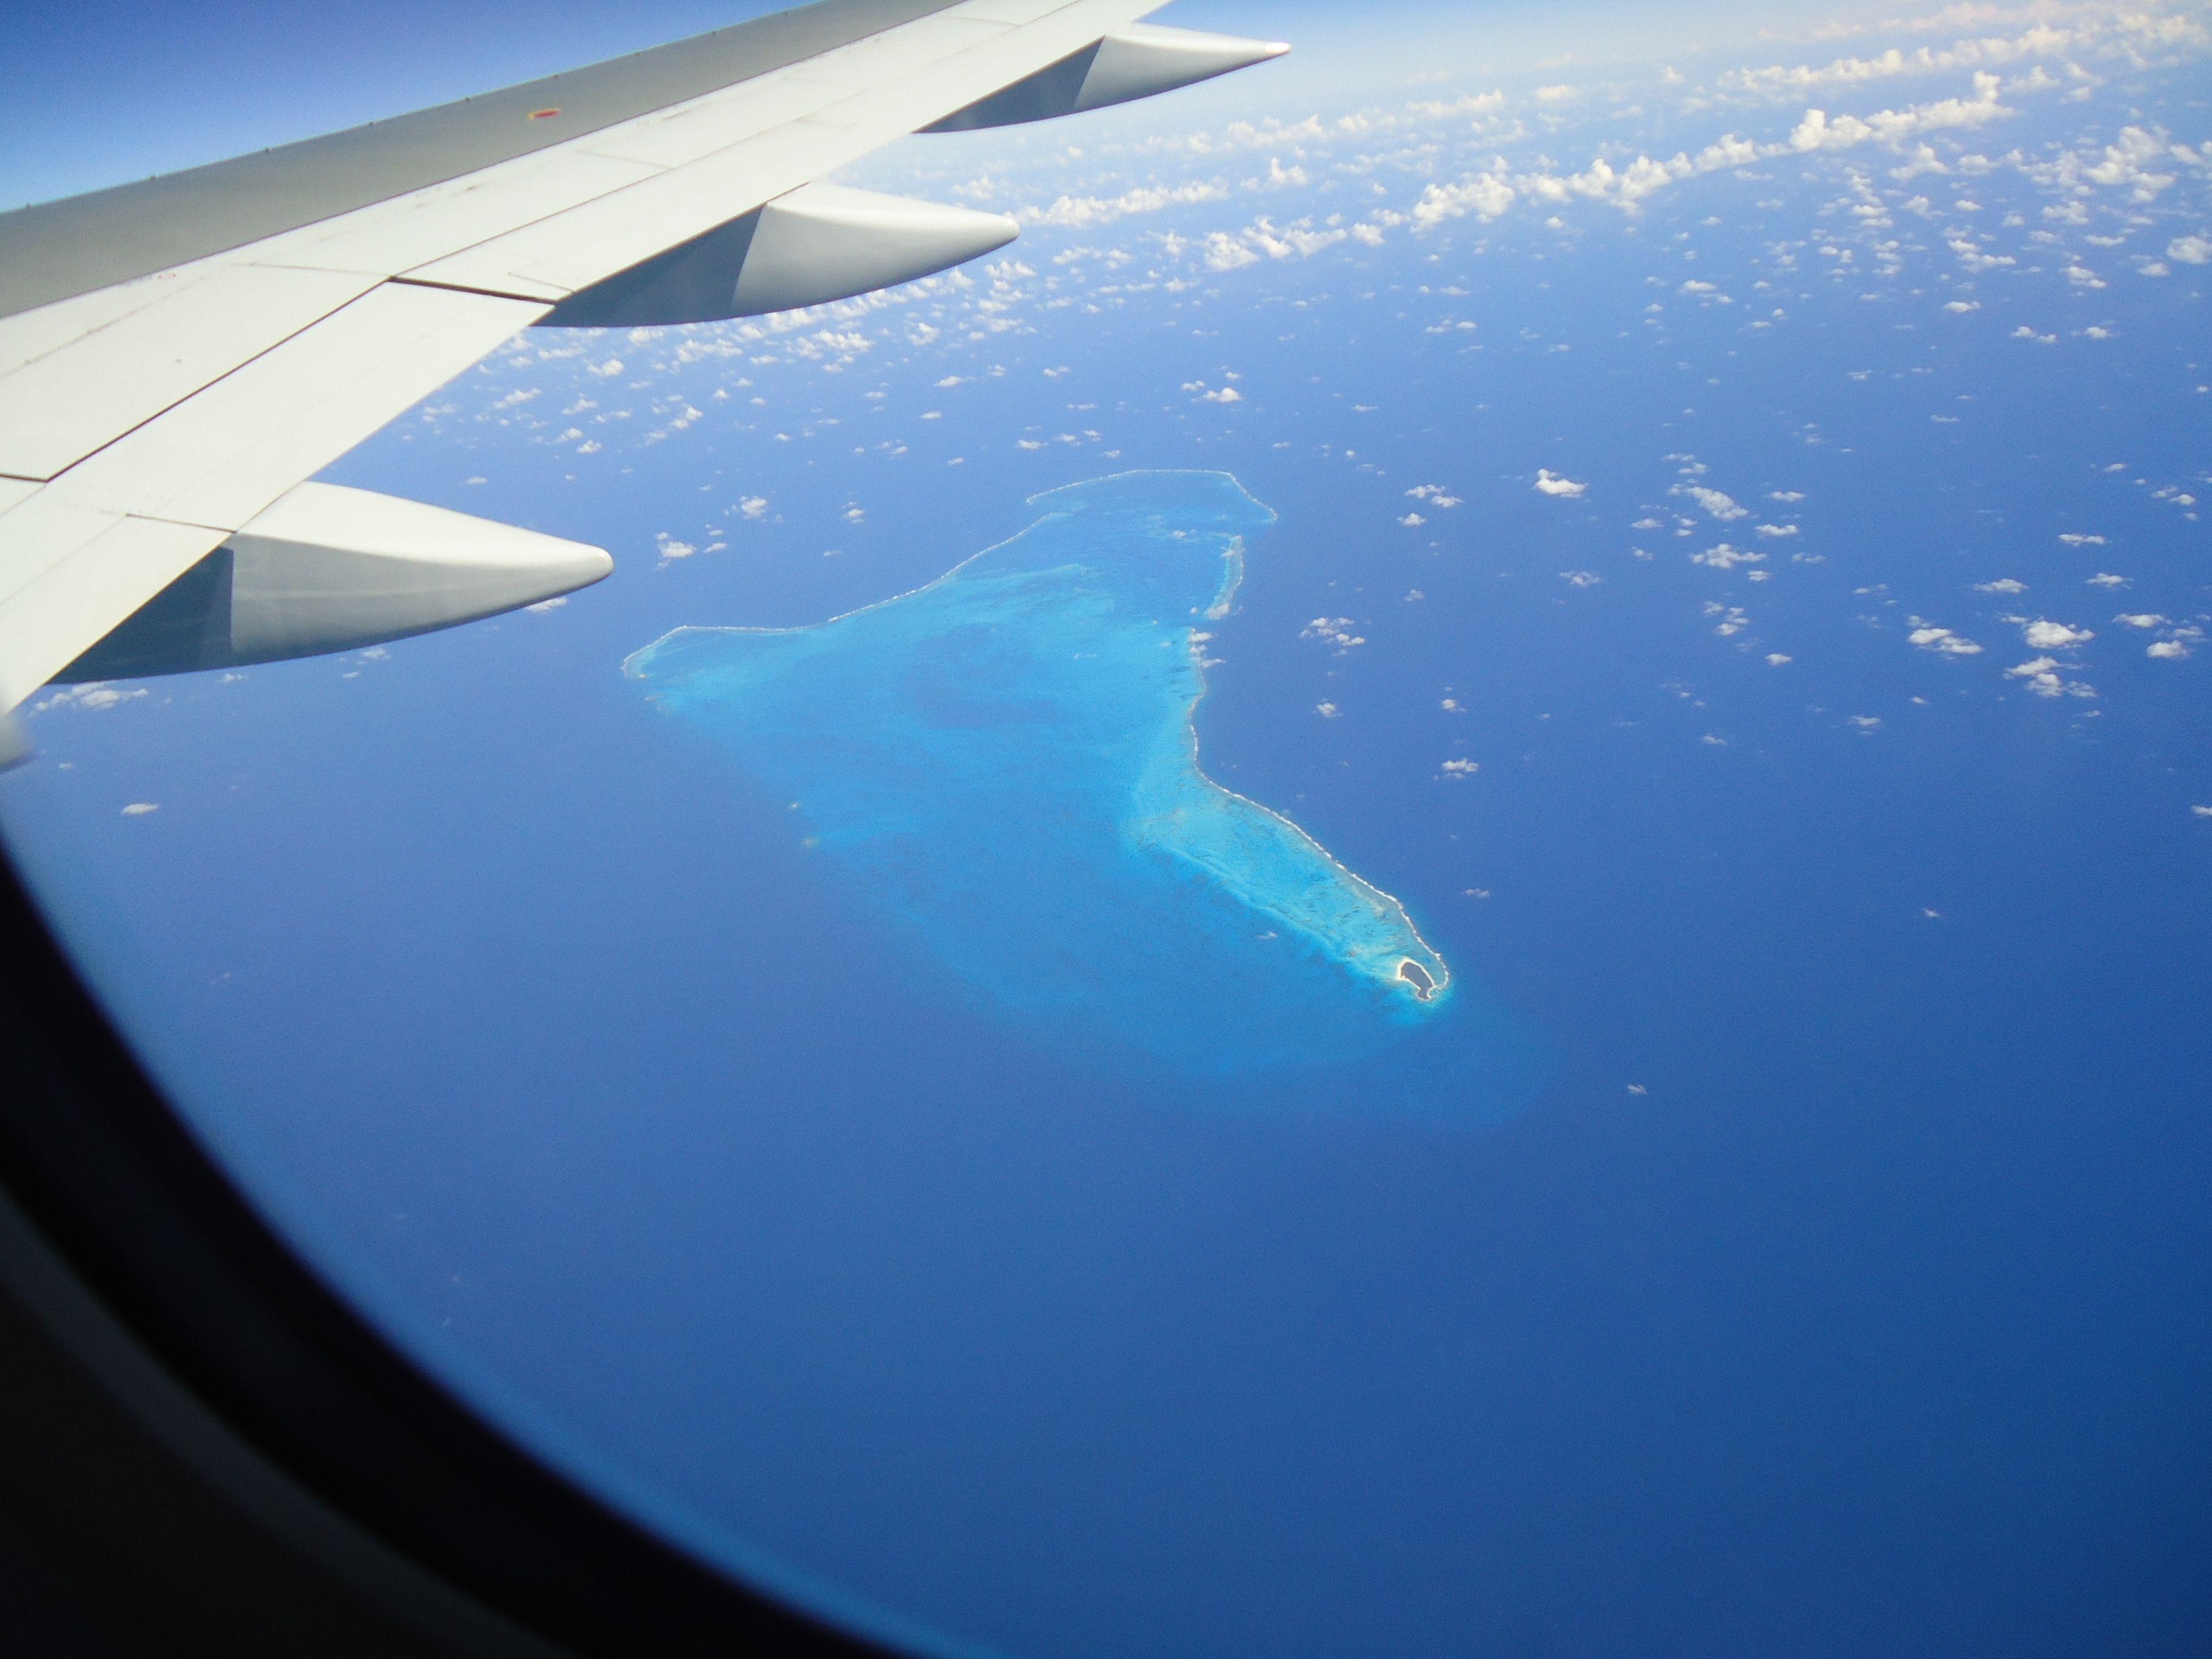 Vista de avión